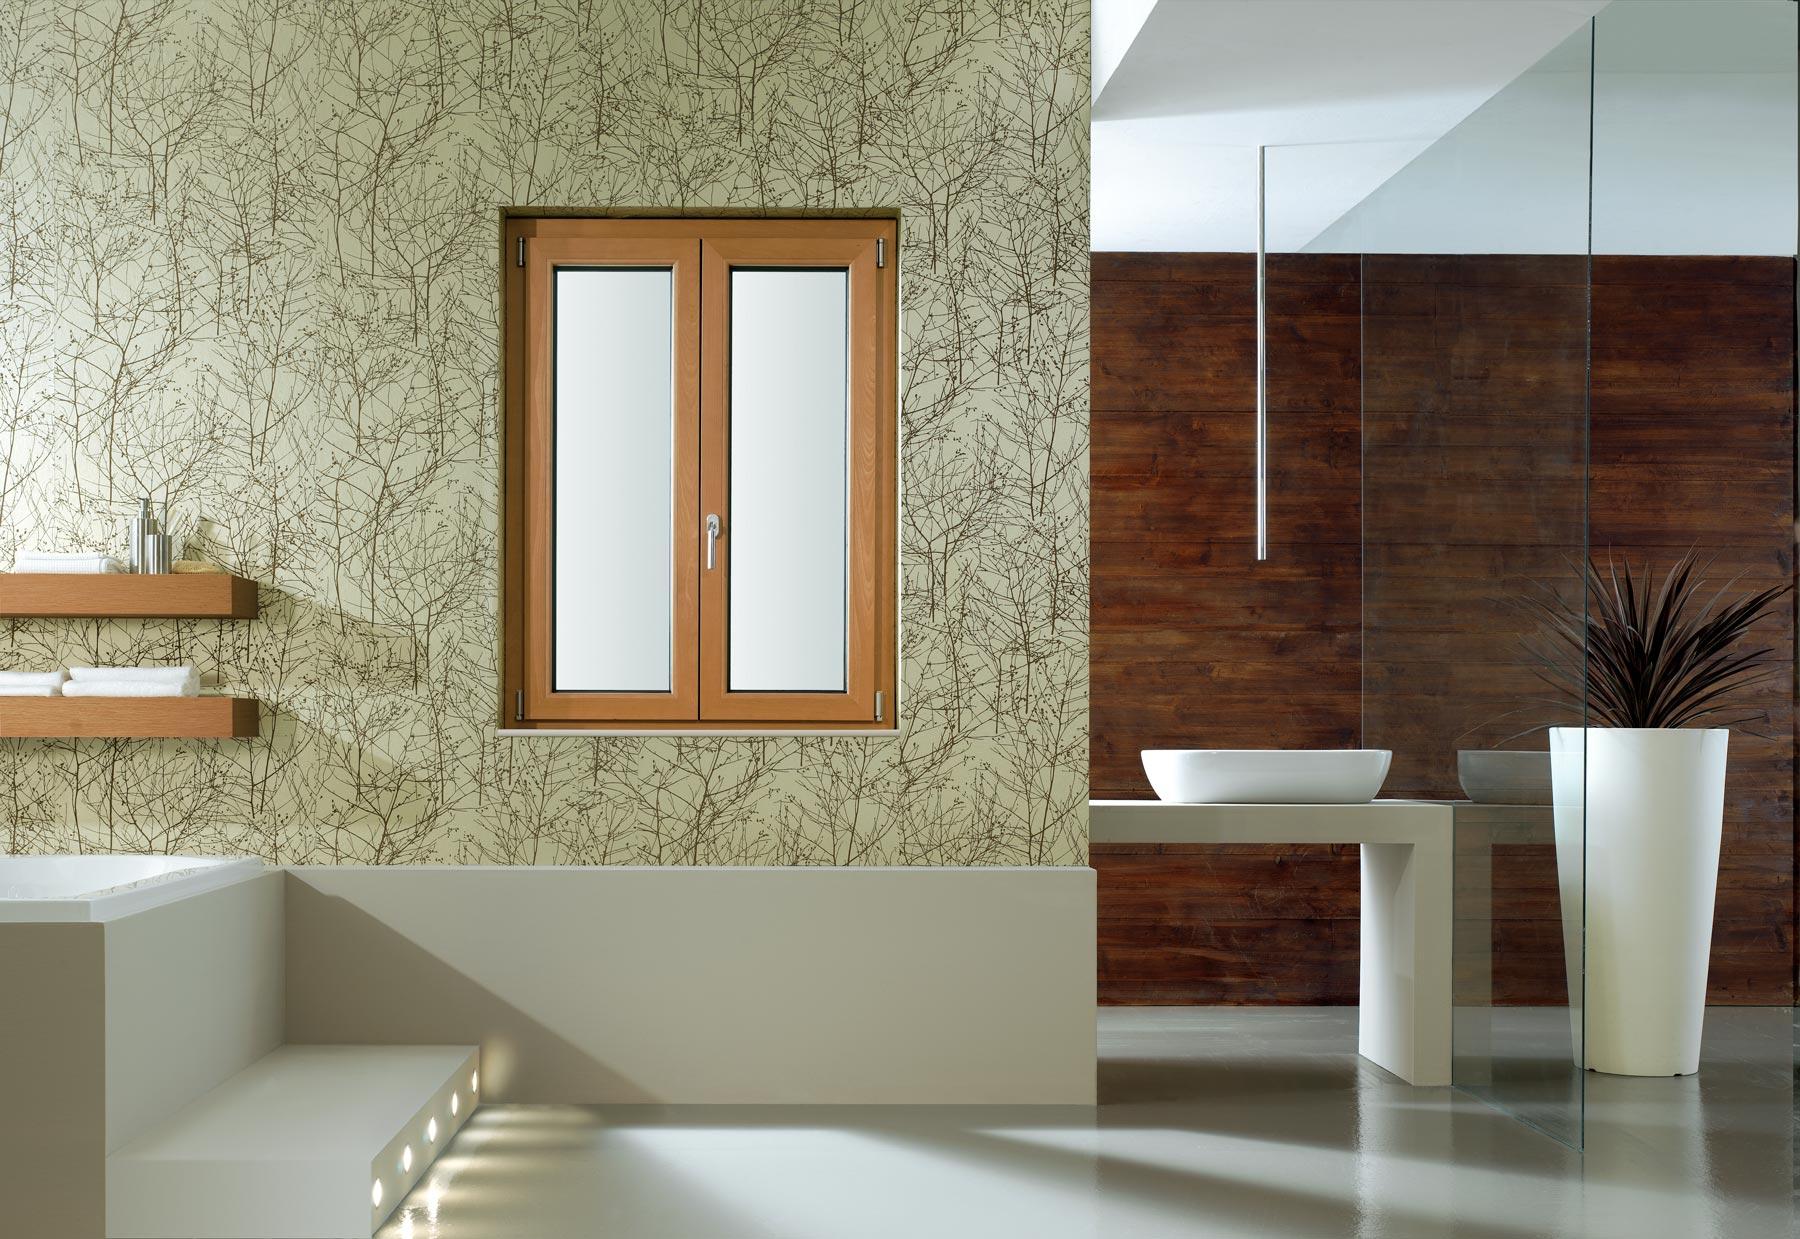 Finestre ancona andreoni serramenti osimo for Preventivo finestre alluminio